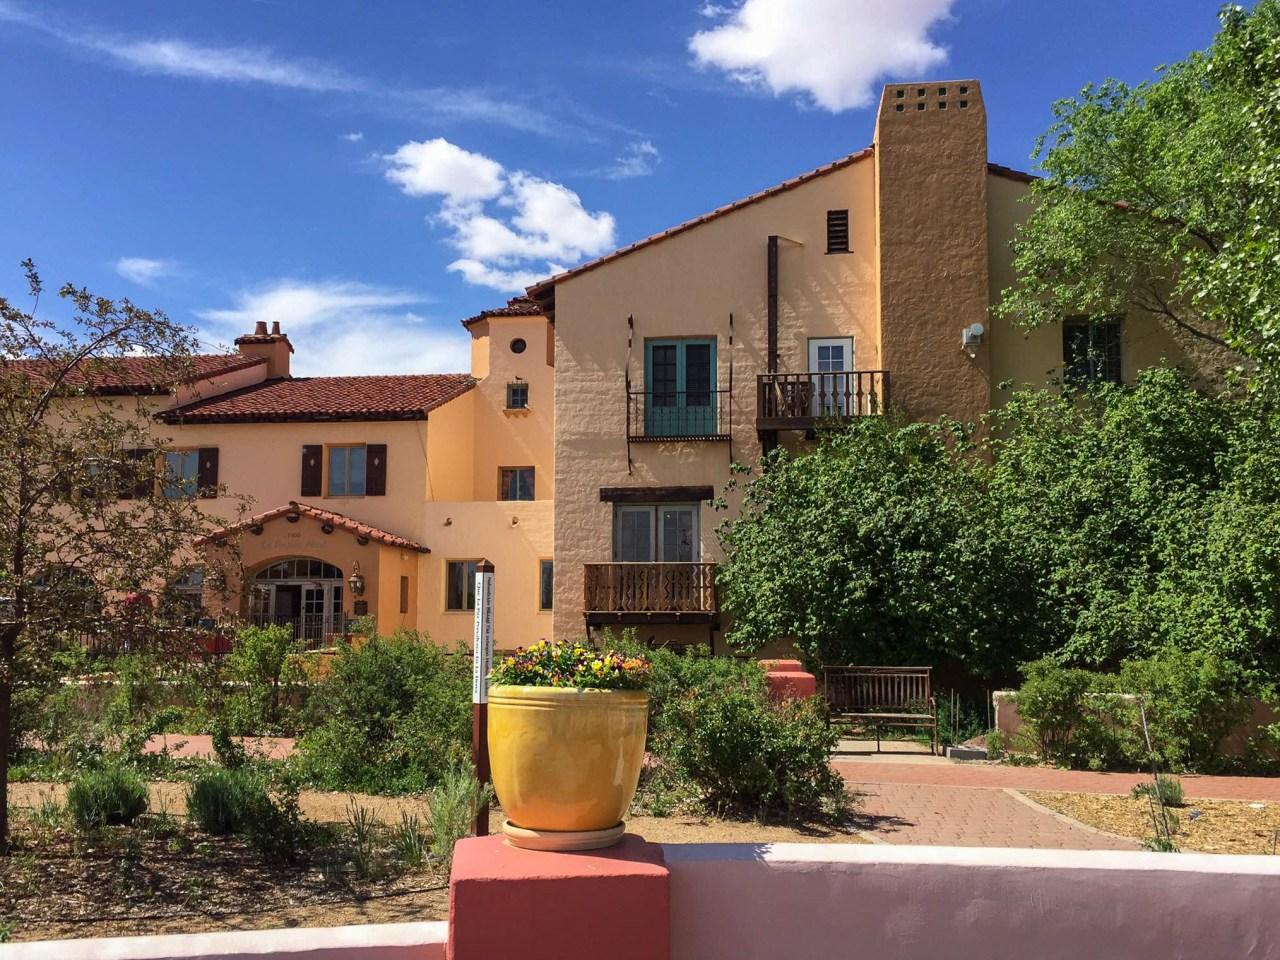 La Posada Hotel - Winslow, Arizona